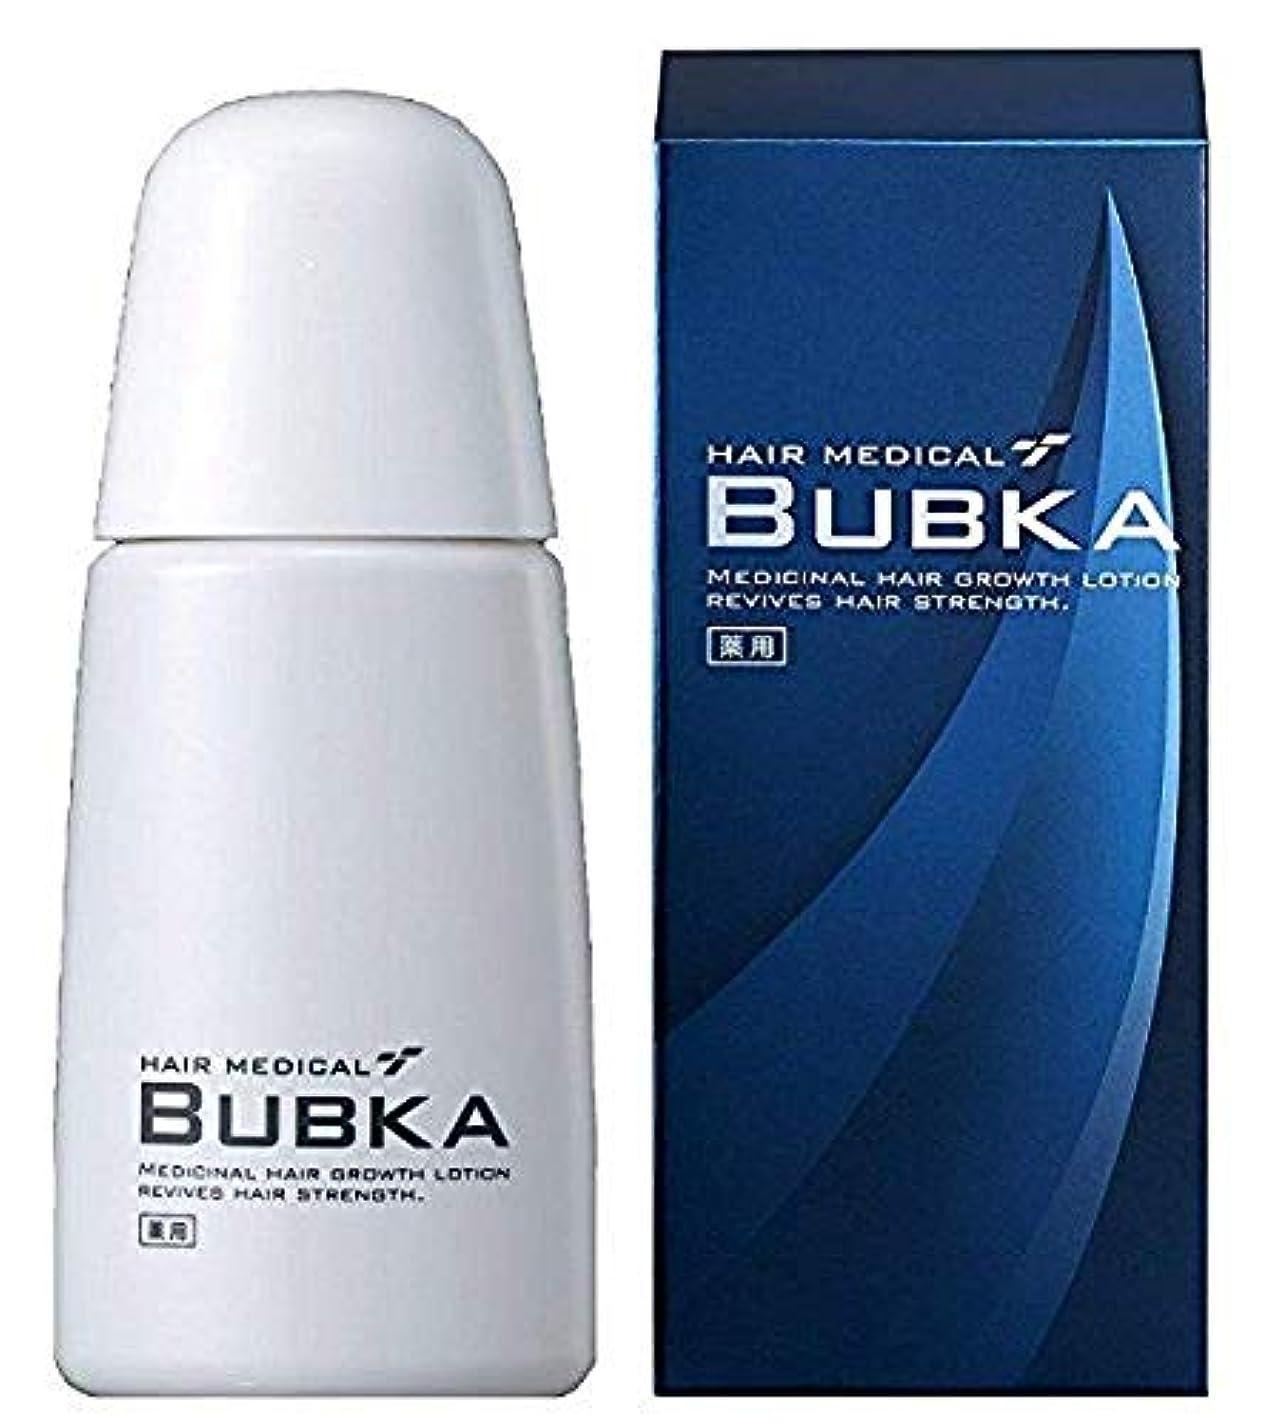 概要一瞬村【BUBKA ブブカ 】新型 濃密育毛剤 ブブカ-003M (内容量:120ml 約1ヶ月分)(医薬部外品)